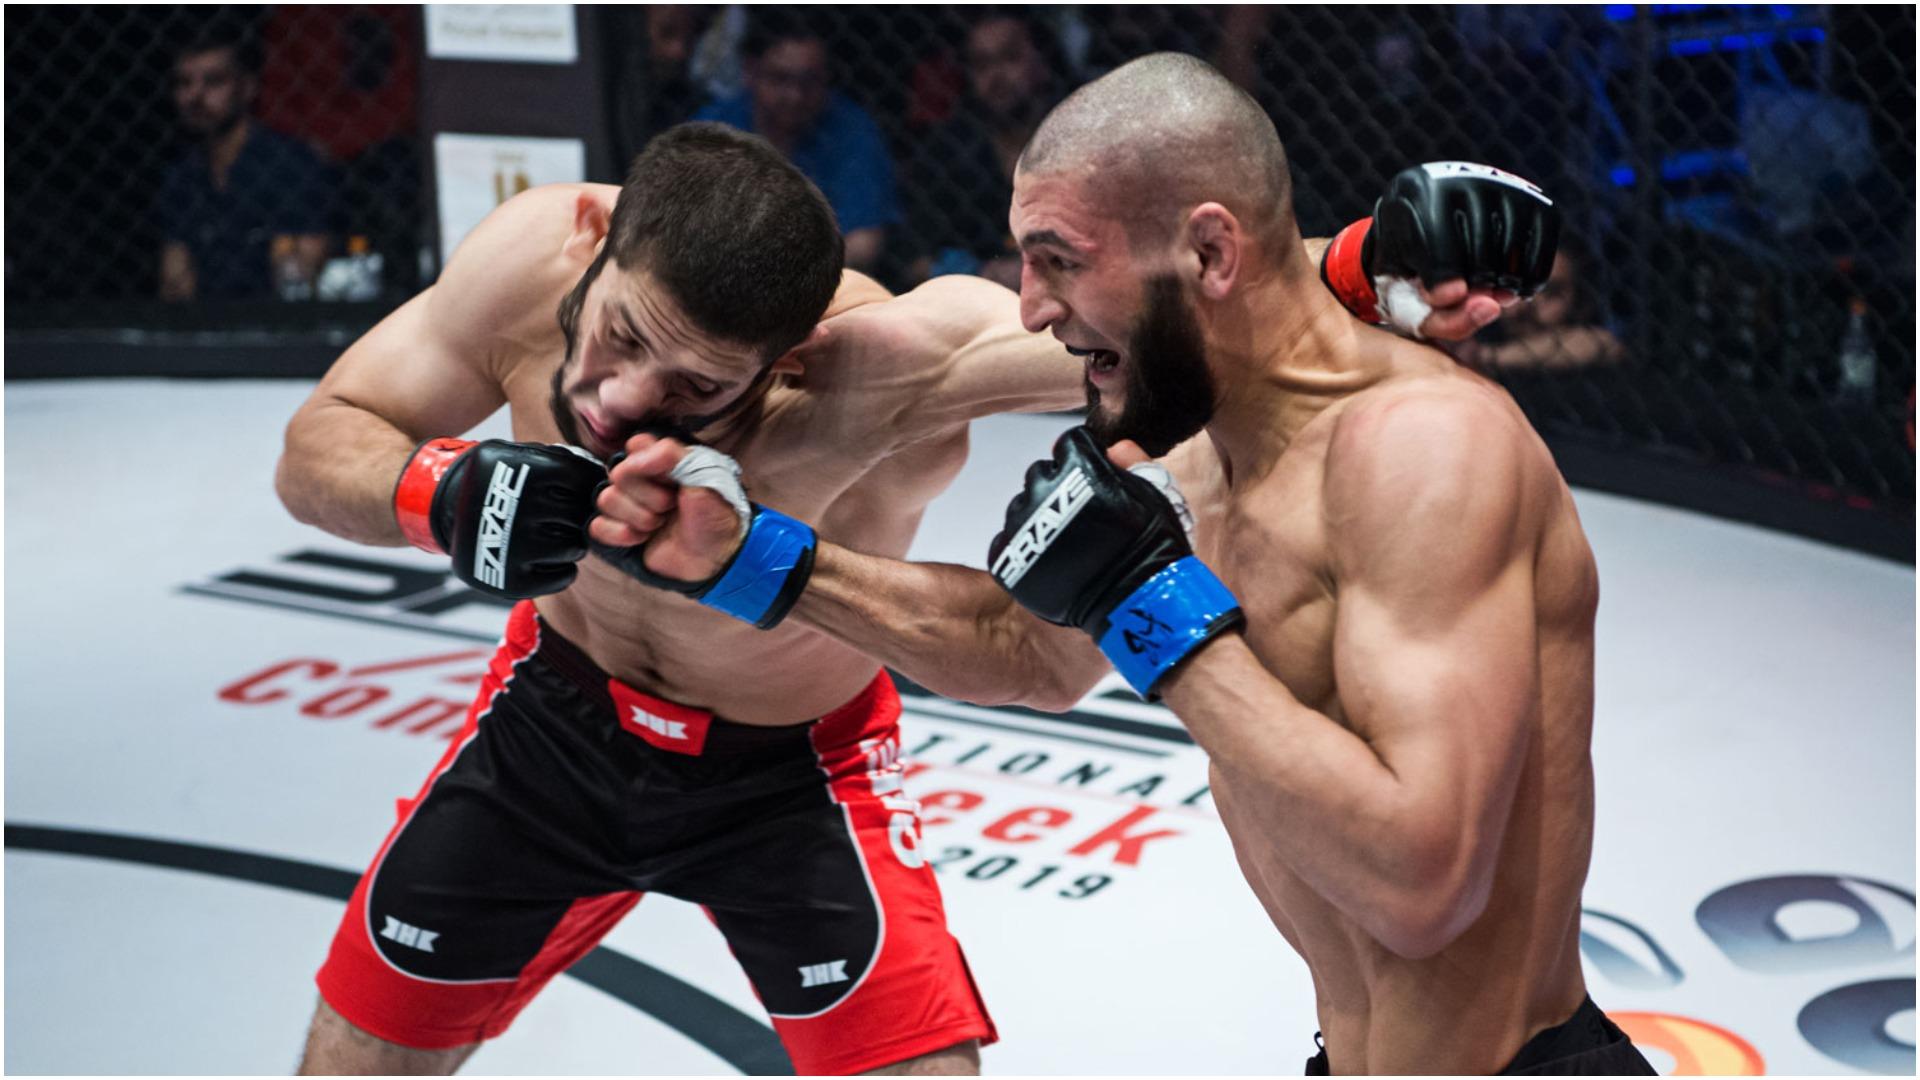 E papritur/ Covid-19 i lë pasoja të rënda, luftëtari 26-vjeçar tërhiqet nga UFC